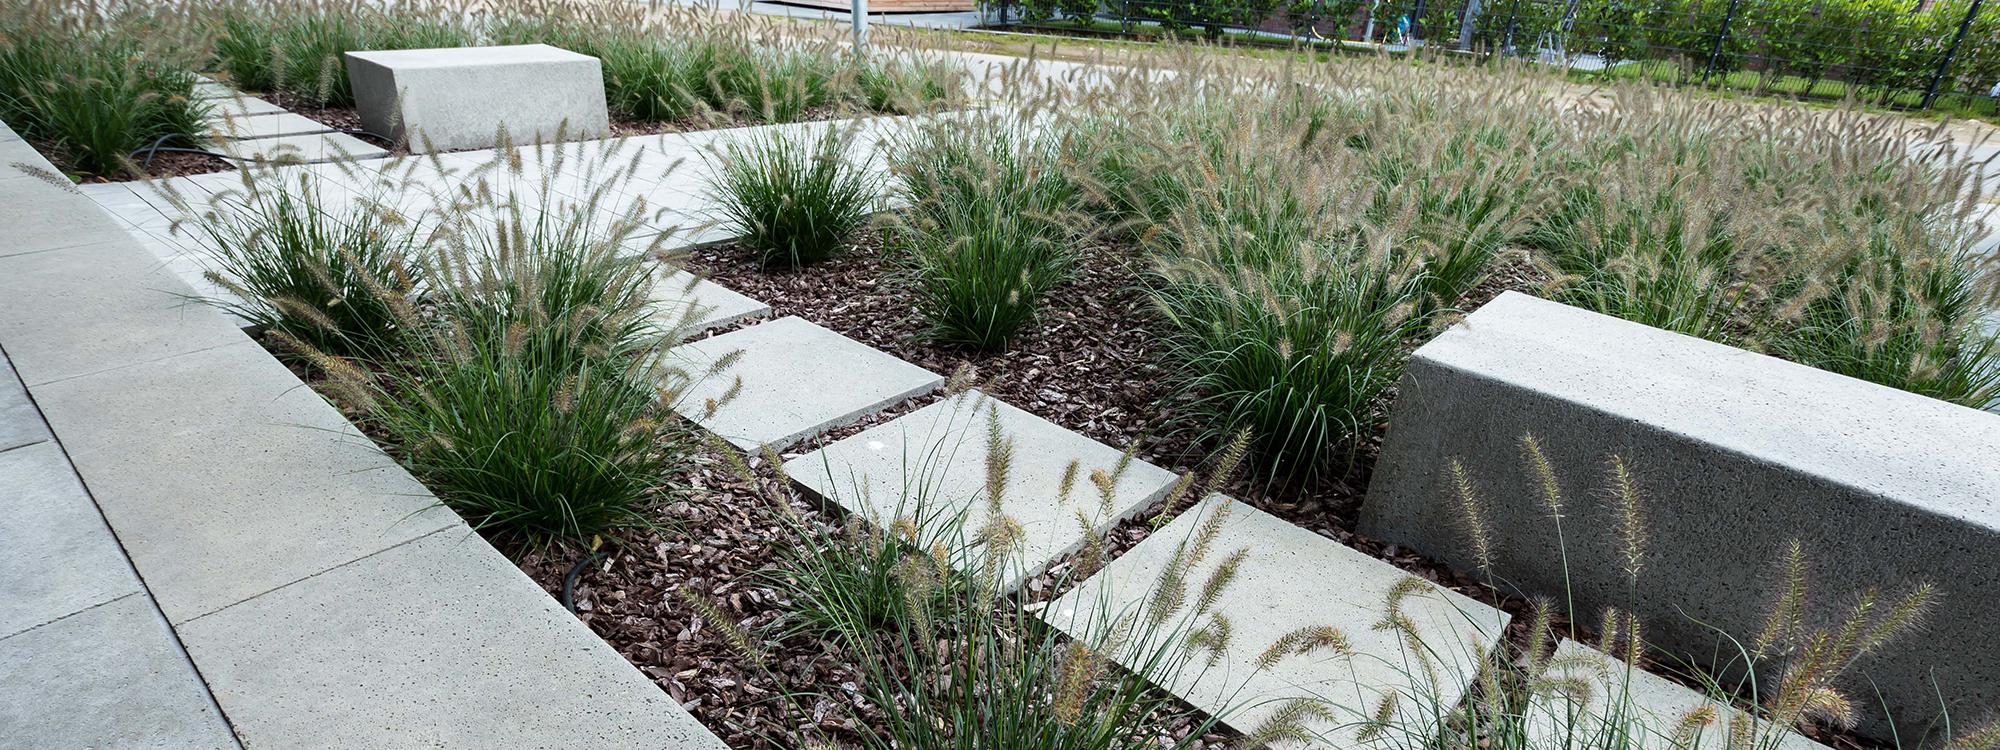 Garten und Landschaftsbau Bocholt Innovatio Vorgarten und Auffahrt